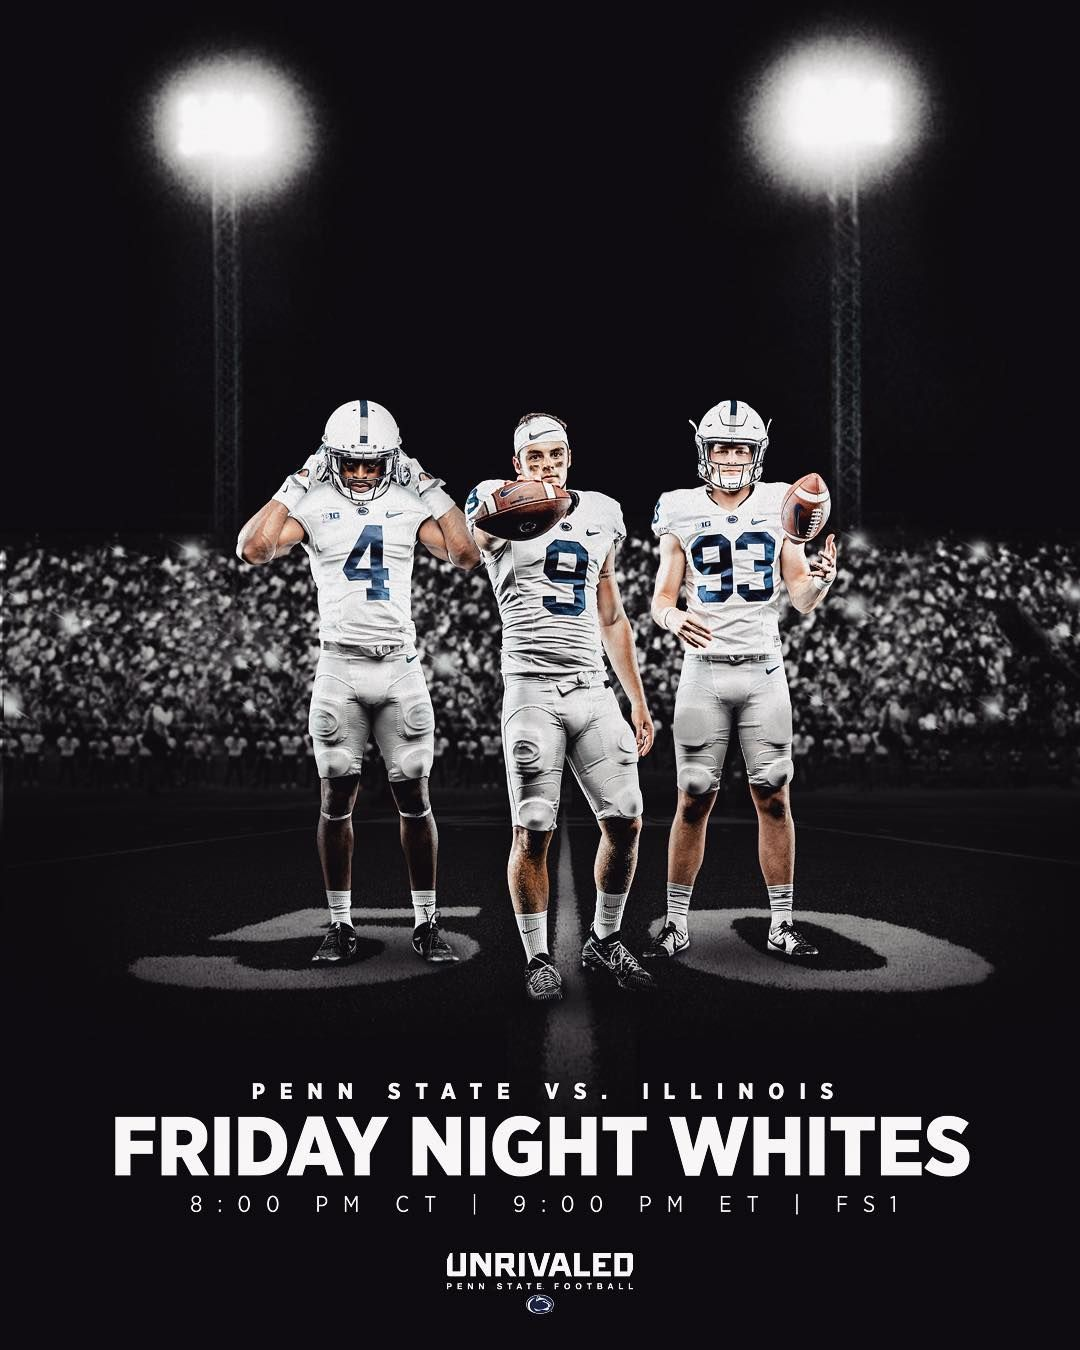 7 959 Likes 54 Comments Penn State Football Pennstatefball On Instagram Friday Night Whites Bea Penn State Football Penn State Friday Night Lights